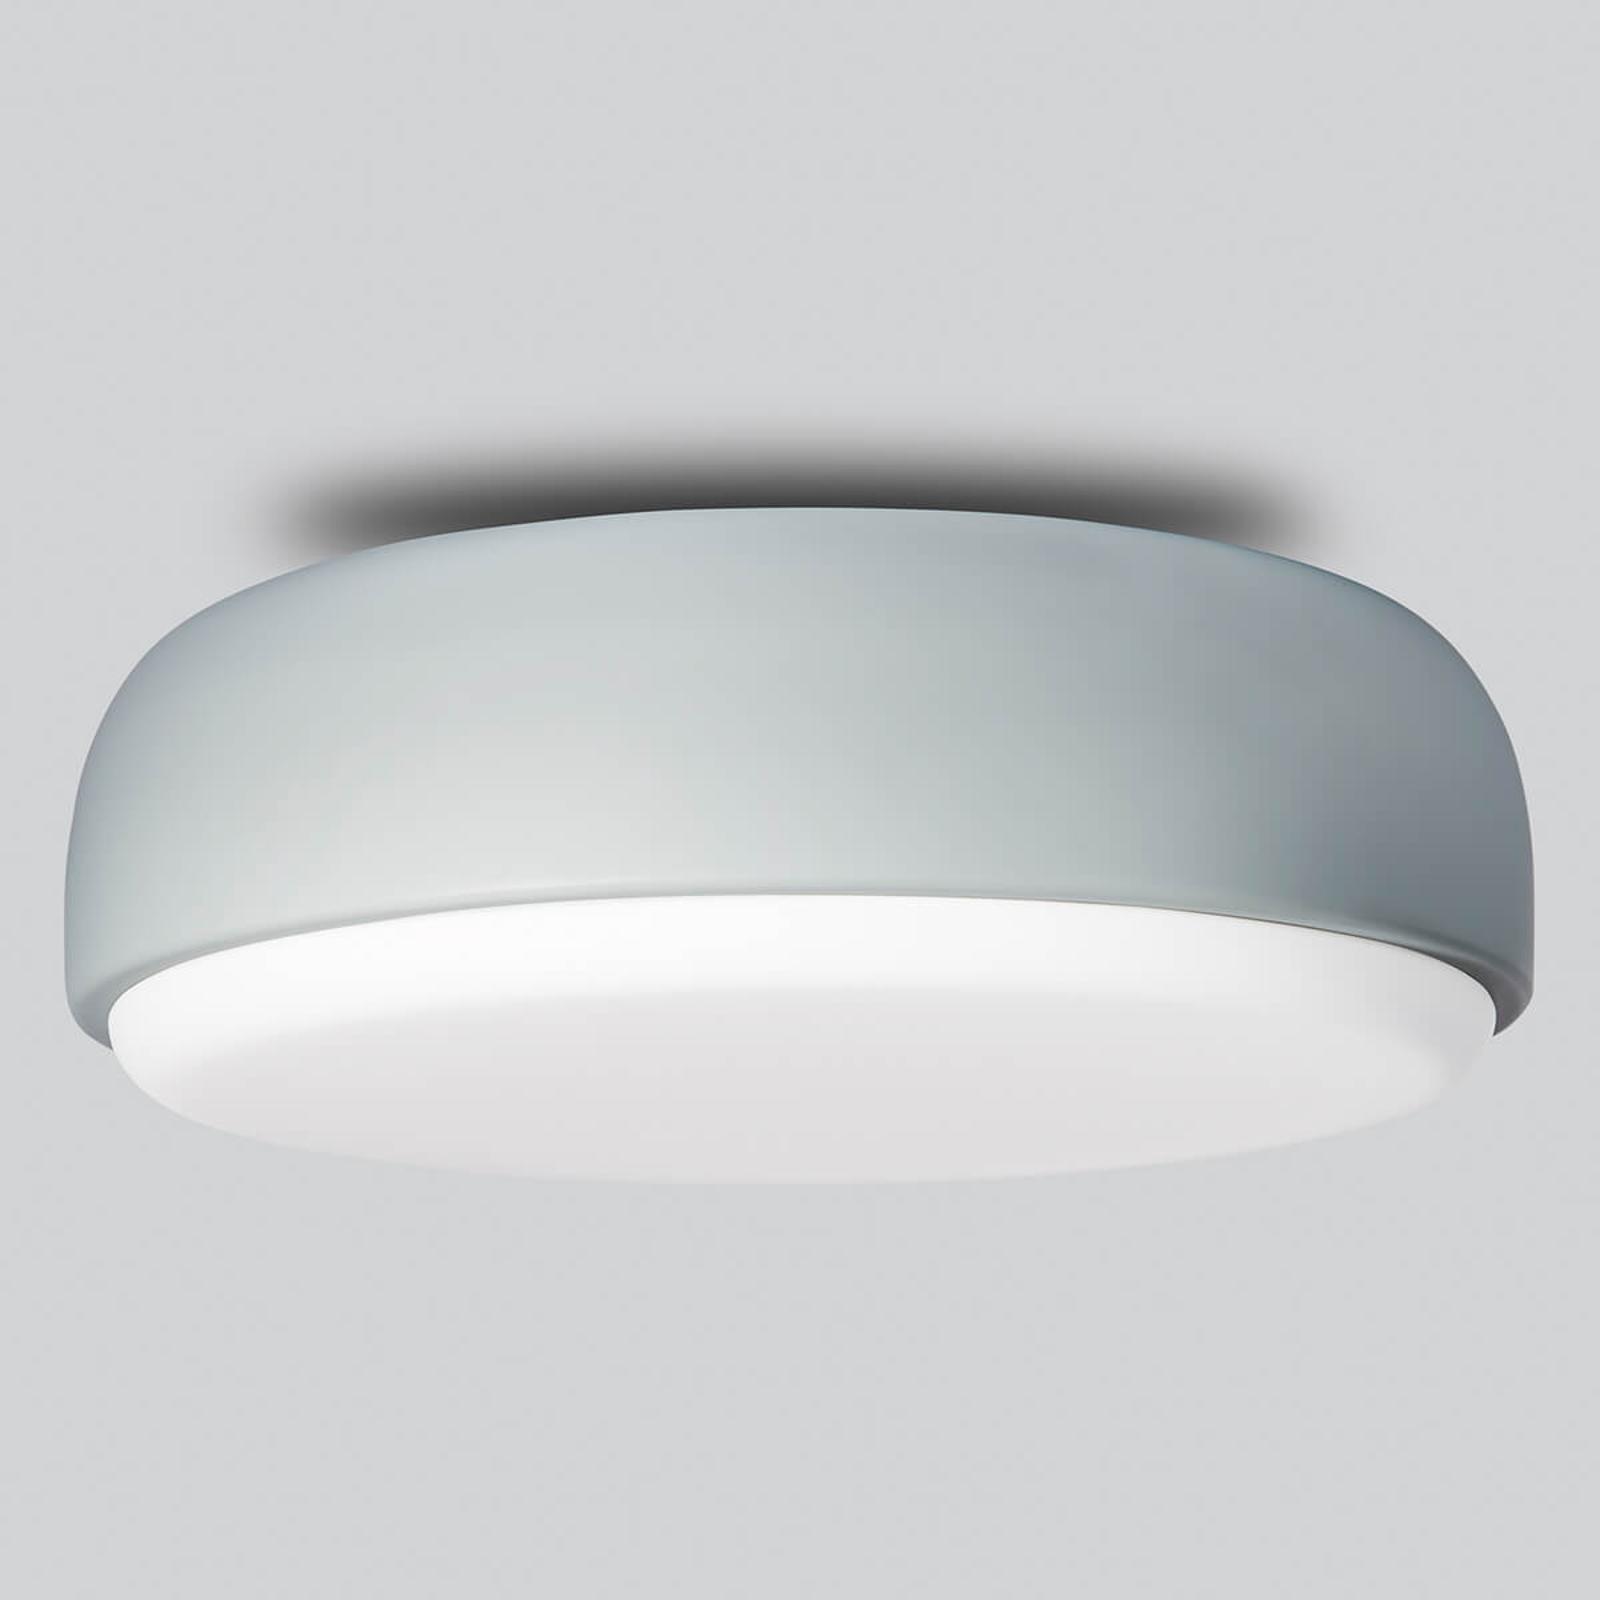 Veelzijdige design plafondlamp Over Me, 40 cm